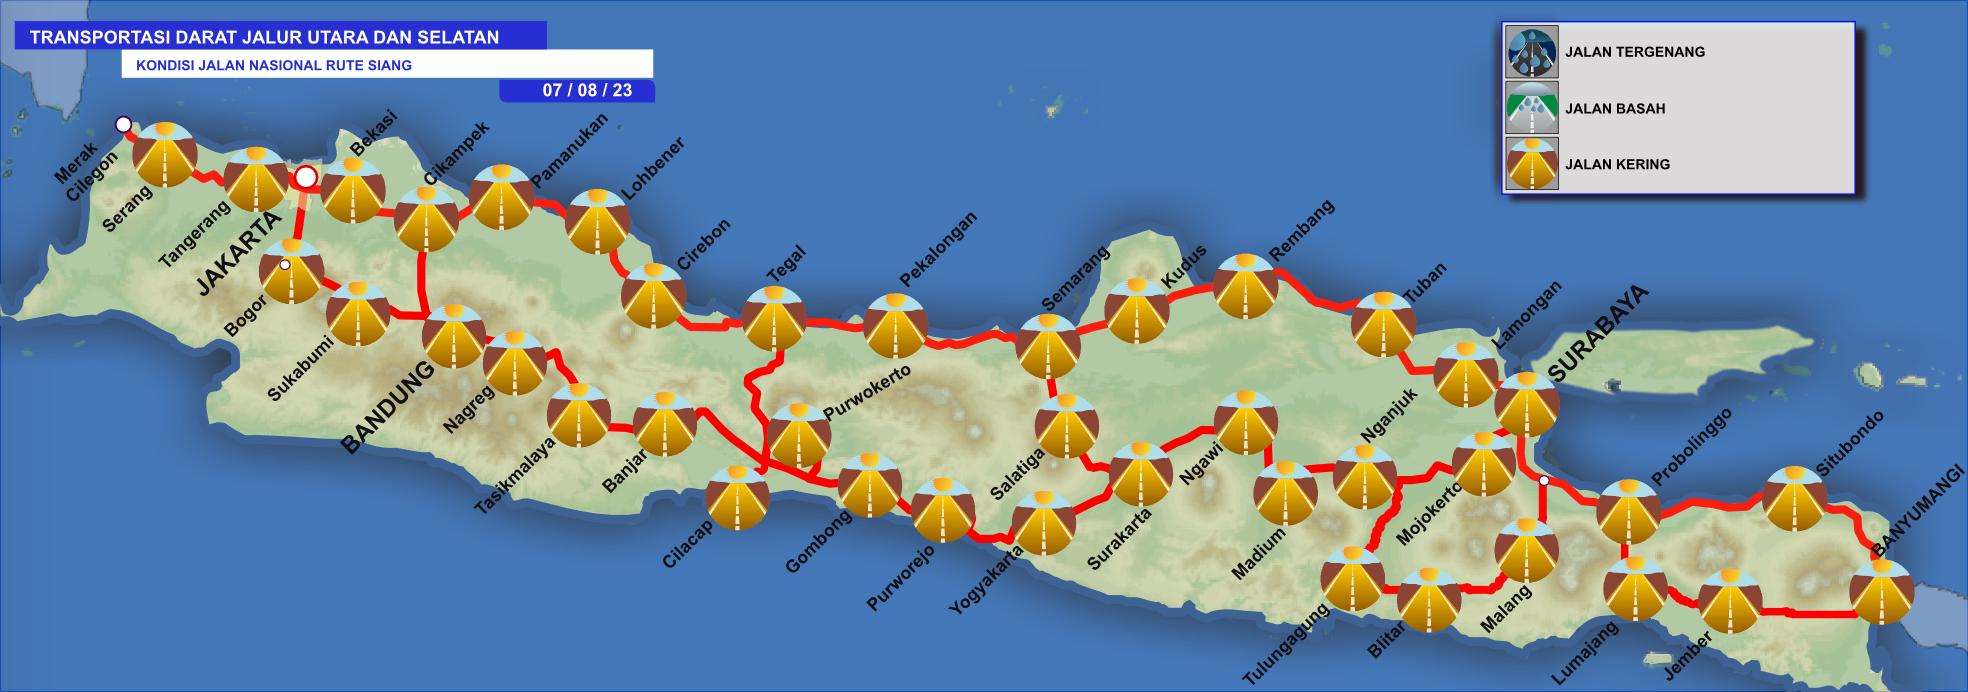 Prakiraan Kondisi Jalan (Tergenang/Basah/Kering) Transportasi Darat Jalur Utara dan Selatan Hari Ini Pada Siang Hari